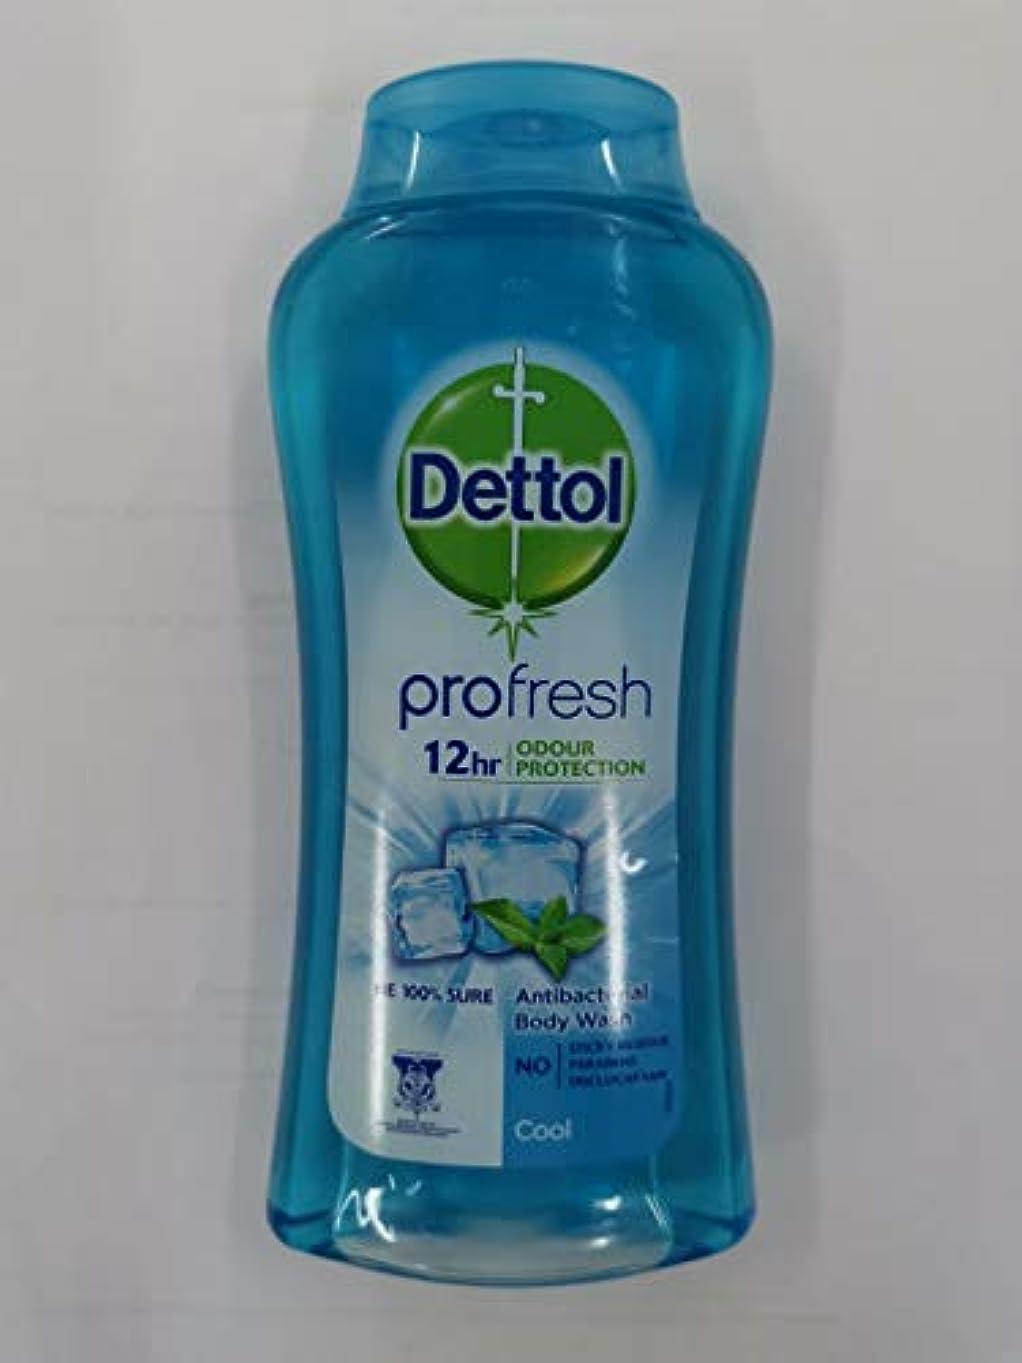 広告するラップかもめDettol 100%ソープフリー - - 平衡のpH値 - クリーム含有する毎日の細菌を防ぐために、コールドシャワージェル250mLの